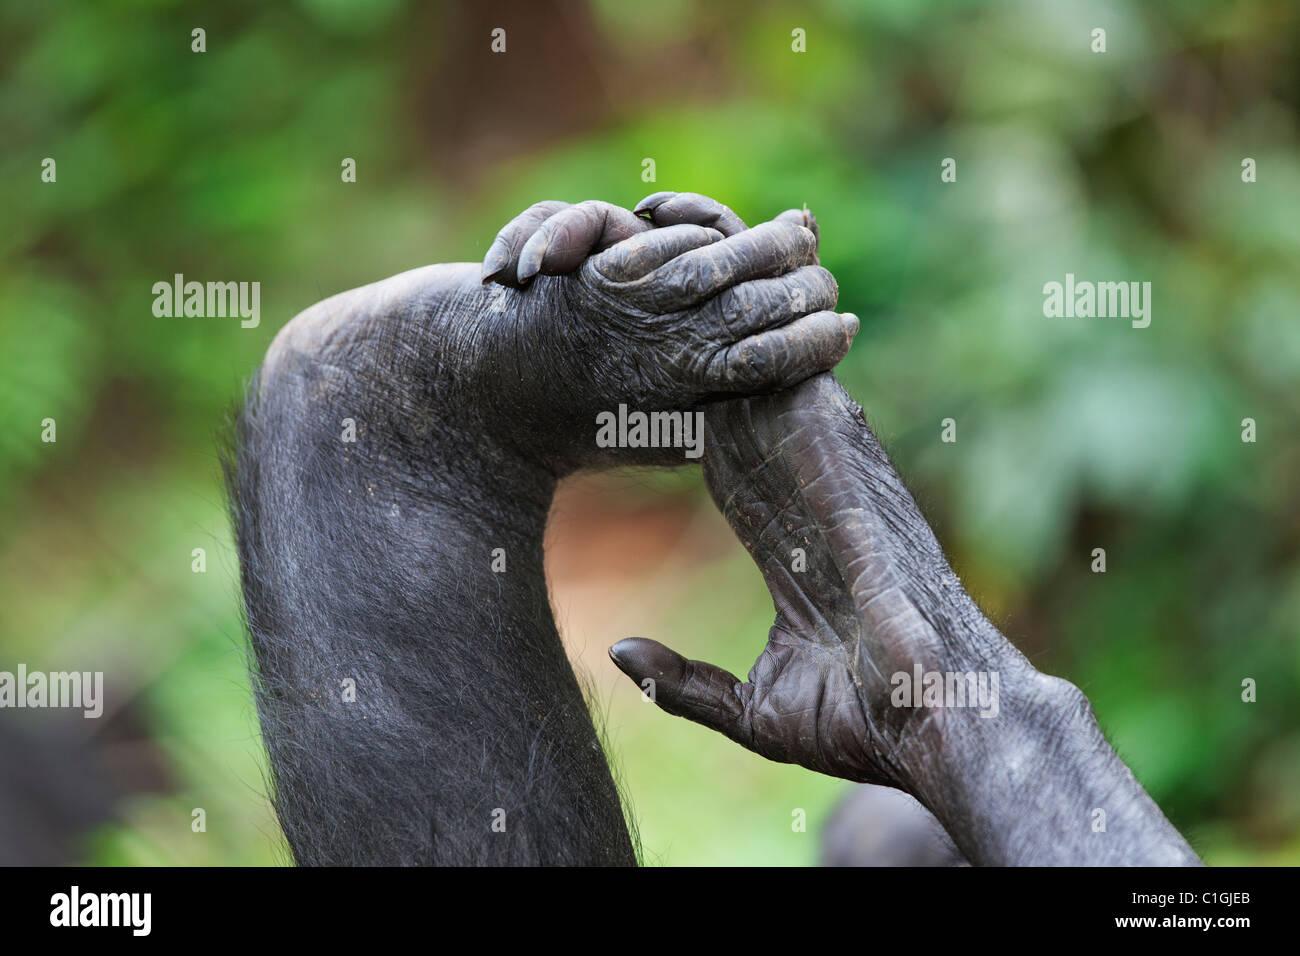 Mano y Pie de Bonobo chimpancé en el Santuario de Lola Ya Bonobo, República Democrática del Congo Imagen De Stock